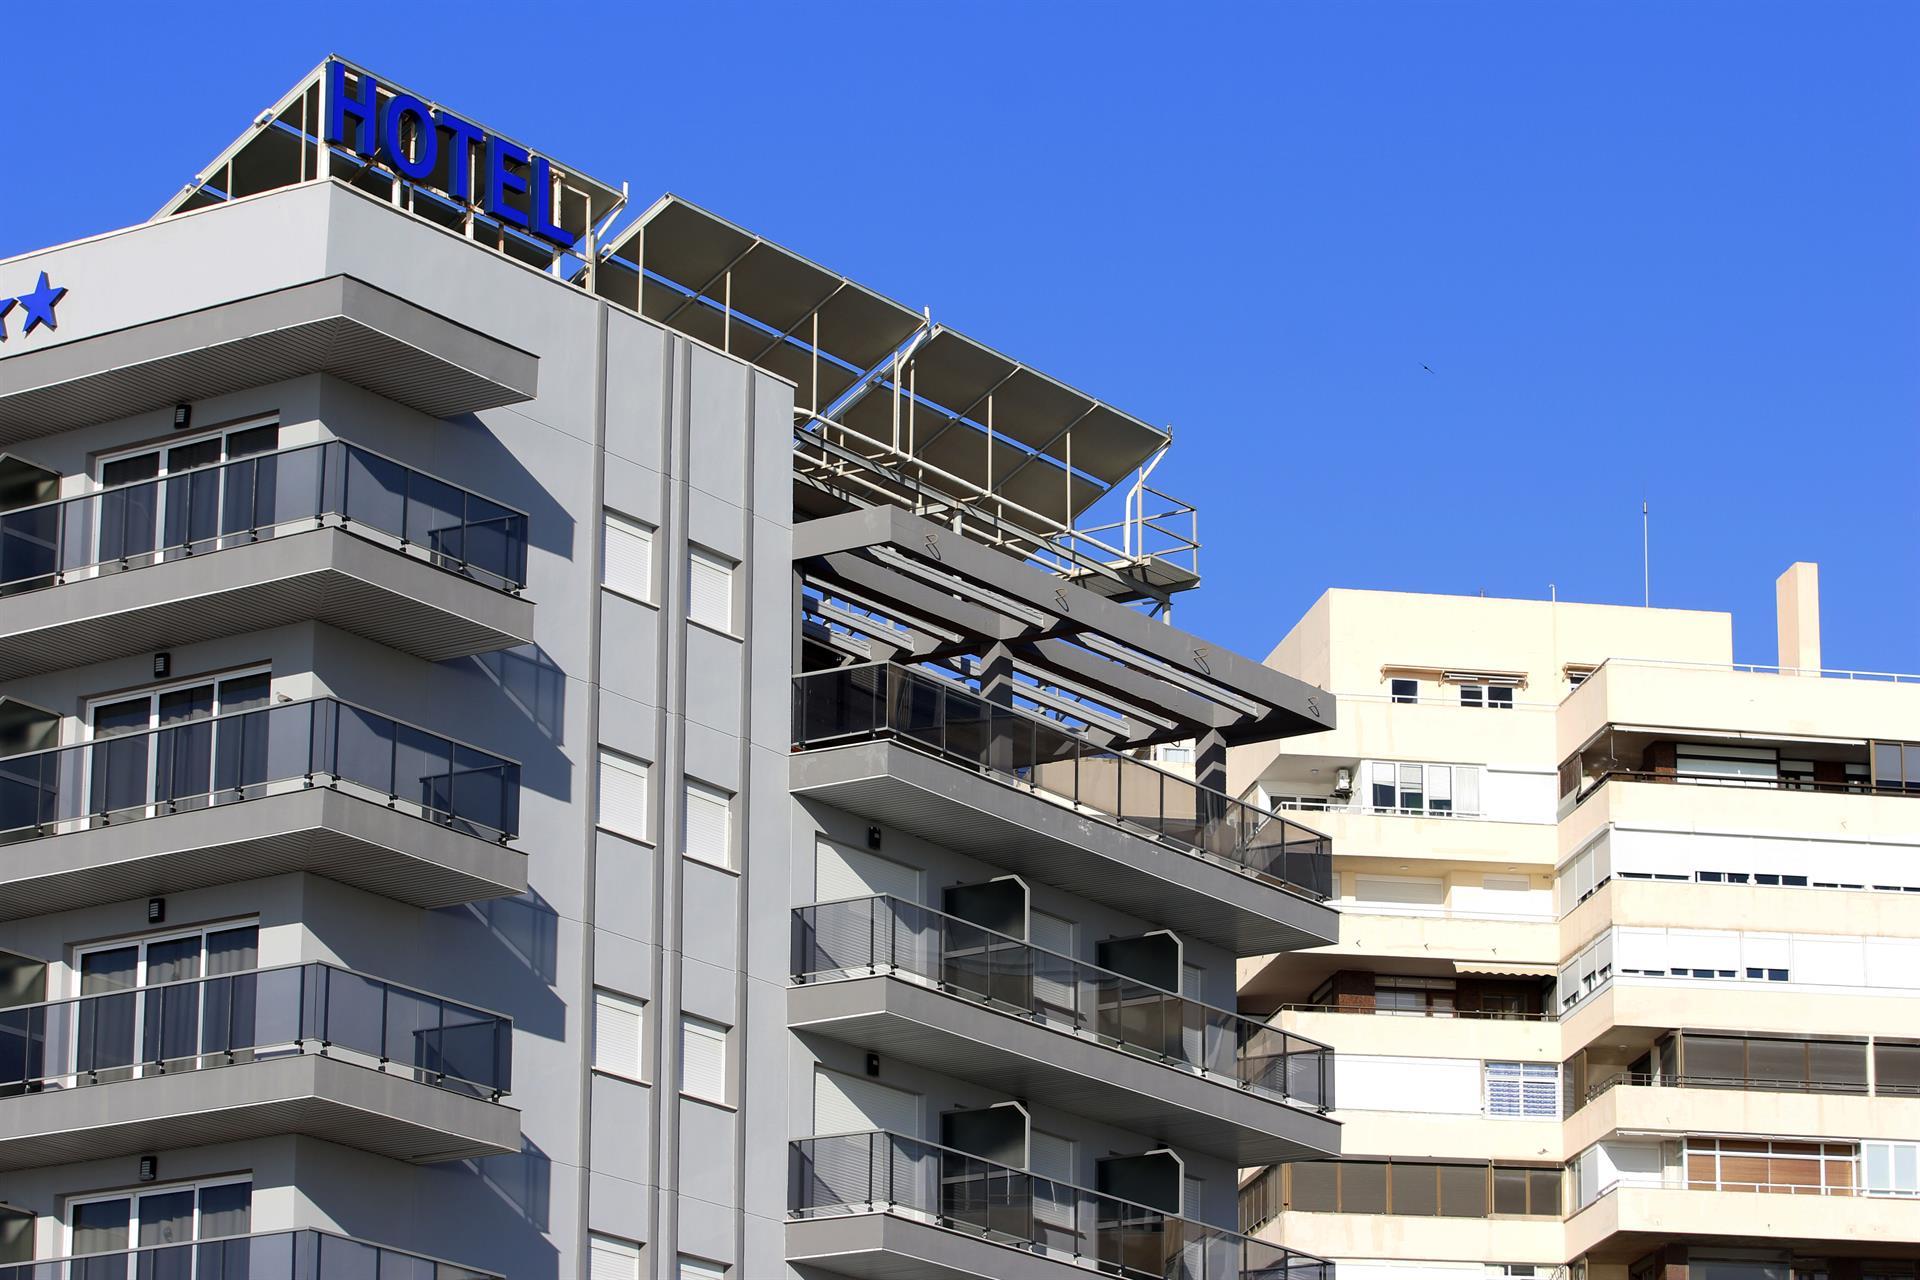 Hoteles andaluces dan por «perdida» la Semana Santa con un «90% cerrado» y critican la incertidumbre de la movilidad